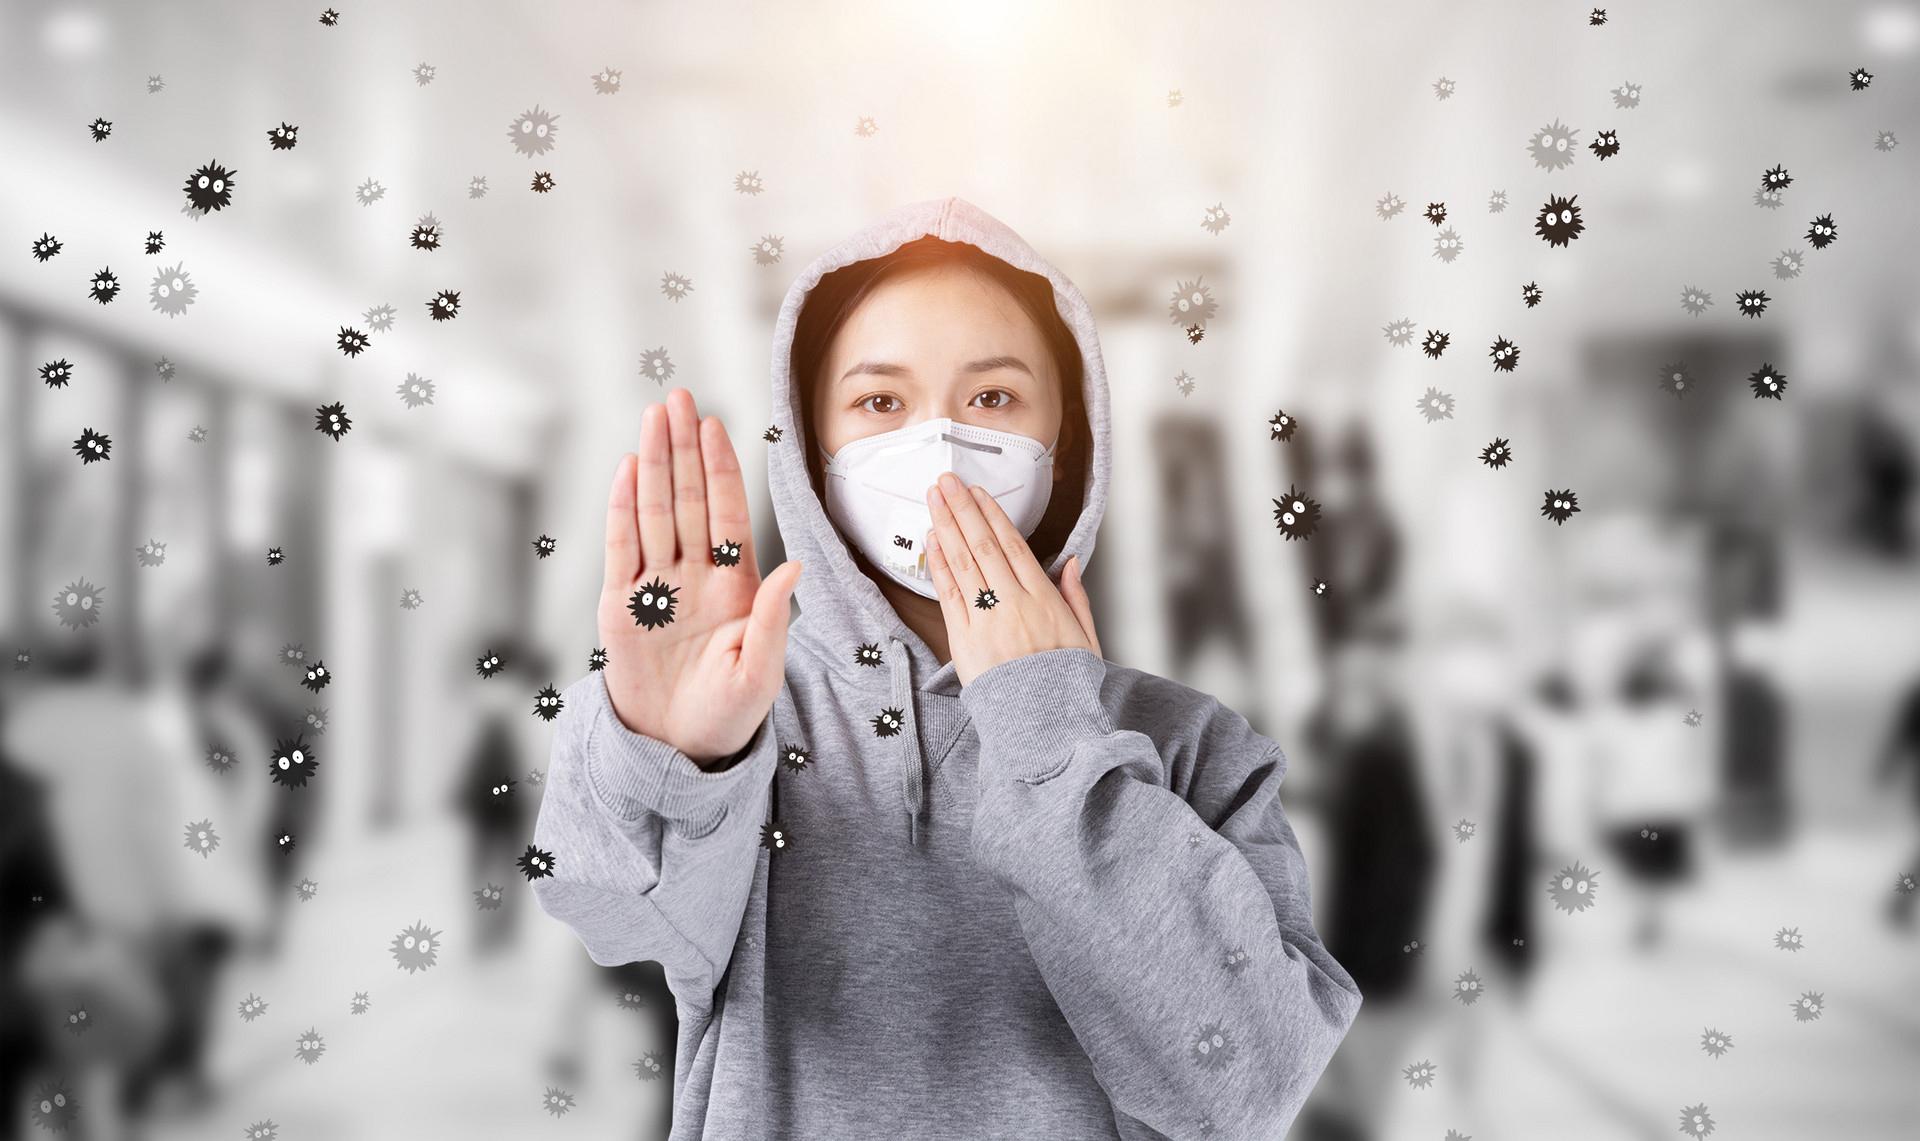 黑龙江黑河爱辉区新增1例确诊病例,行程轨迹详情公布,多次去地下超市购物